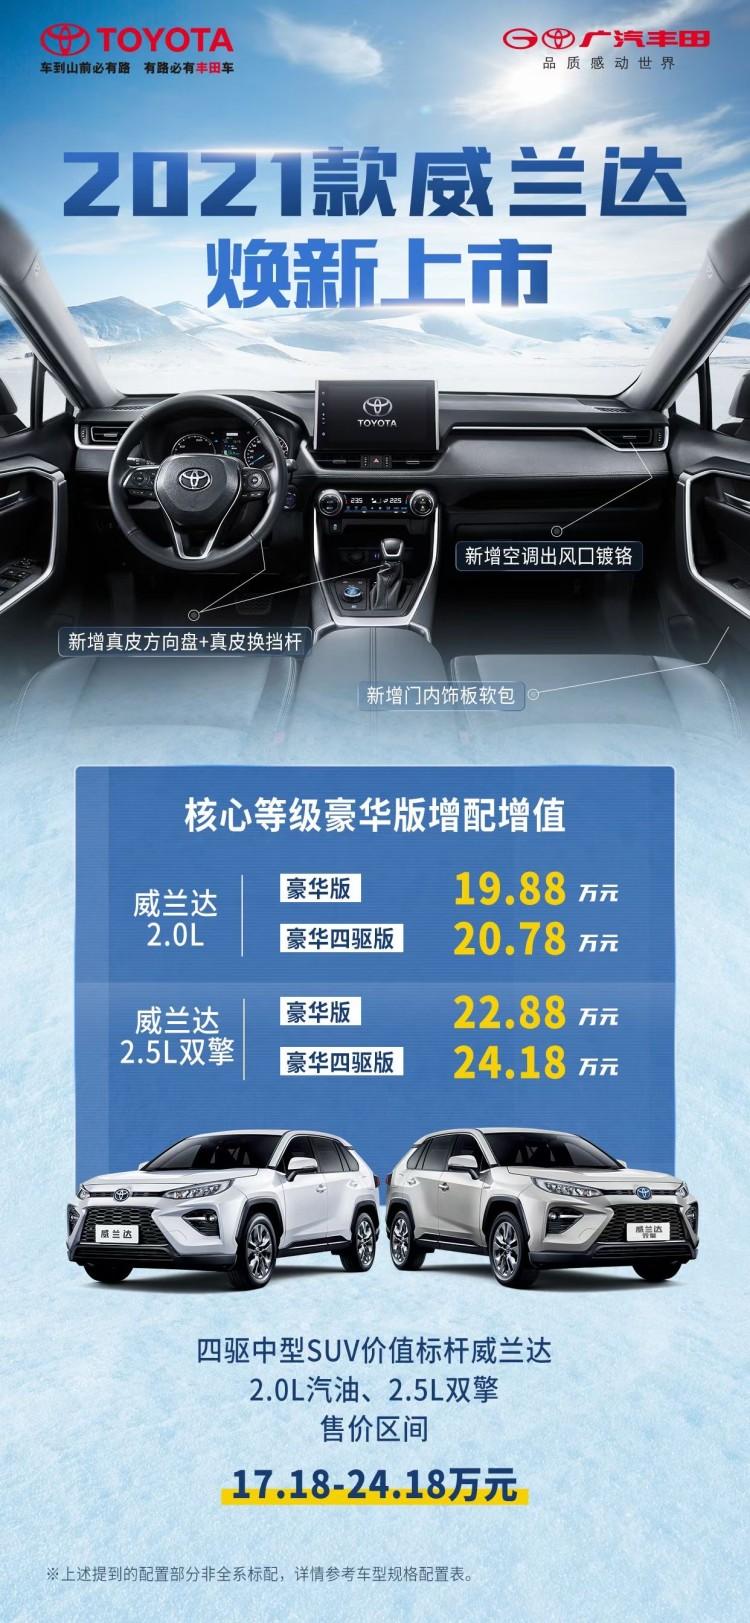 部分车型配置升级 广汽丰田威兰达售19.88万起